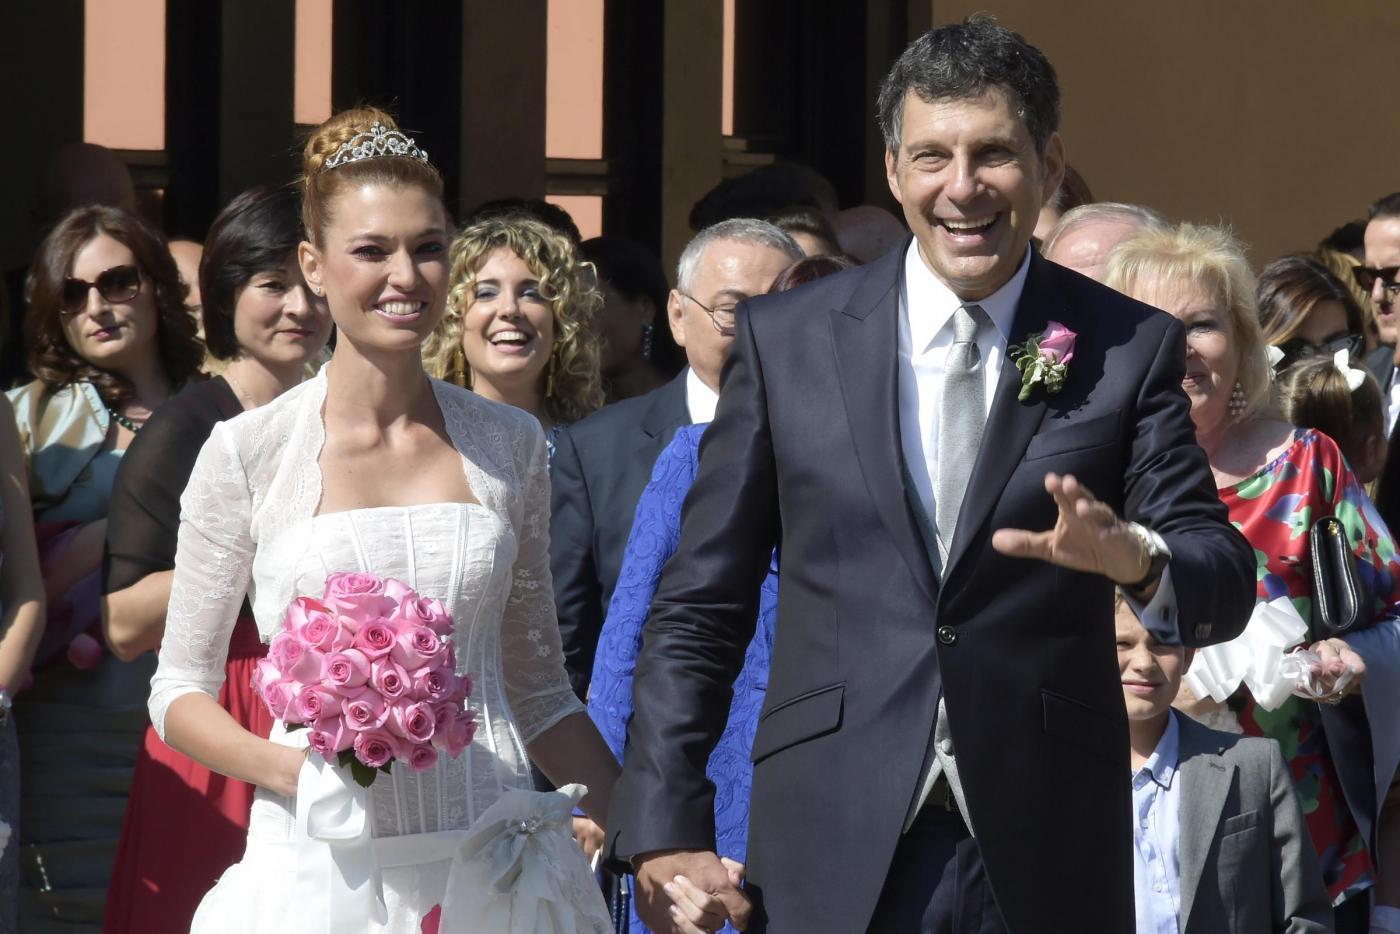 Fabrizio Frizzi sposa Carlotta Mantovan a Roma: le foto della cerimonia15